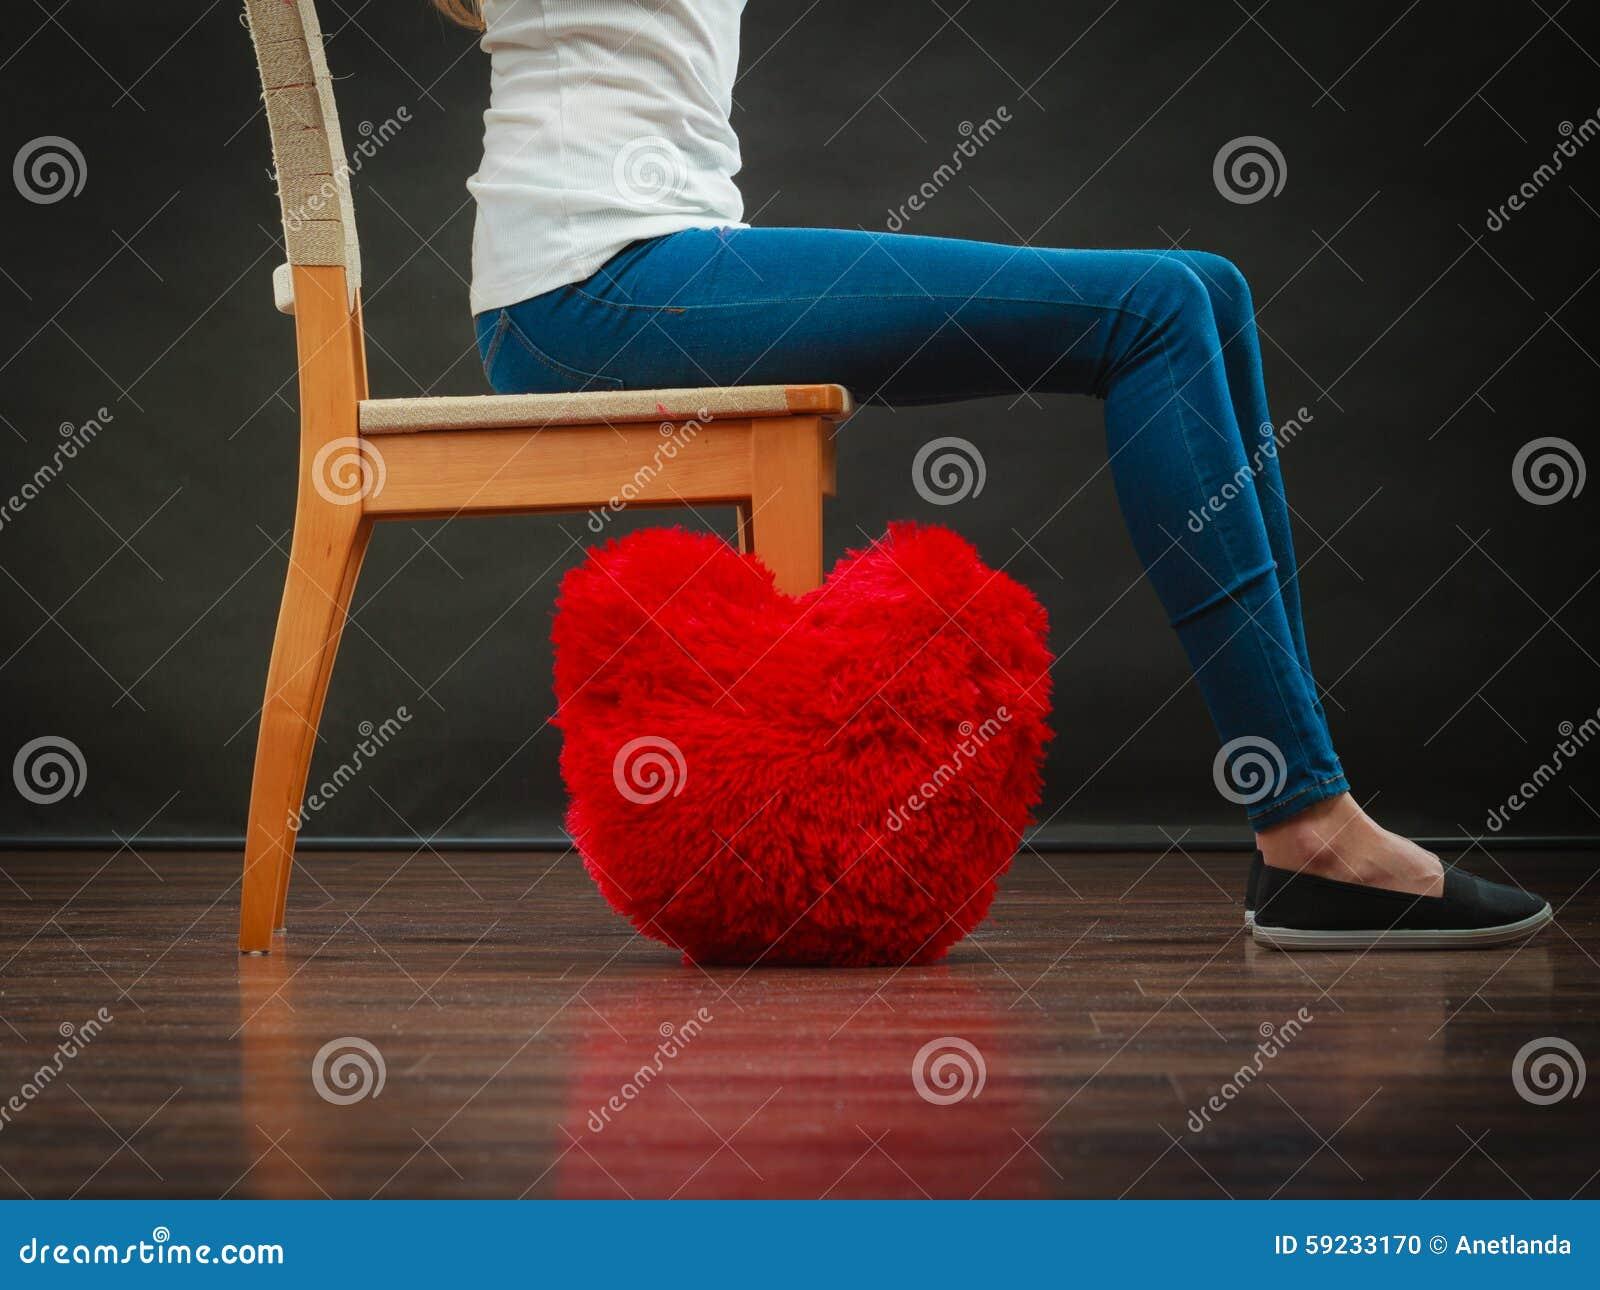 Download Las Piernas De La Mujer Con El Corazón Rojo Soportan En Piso Foto de archivo - Imagen de mujer, tristeza: 59233170